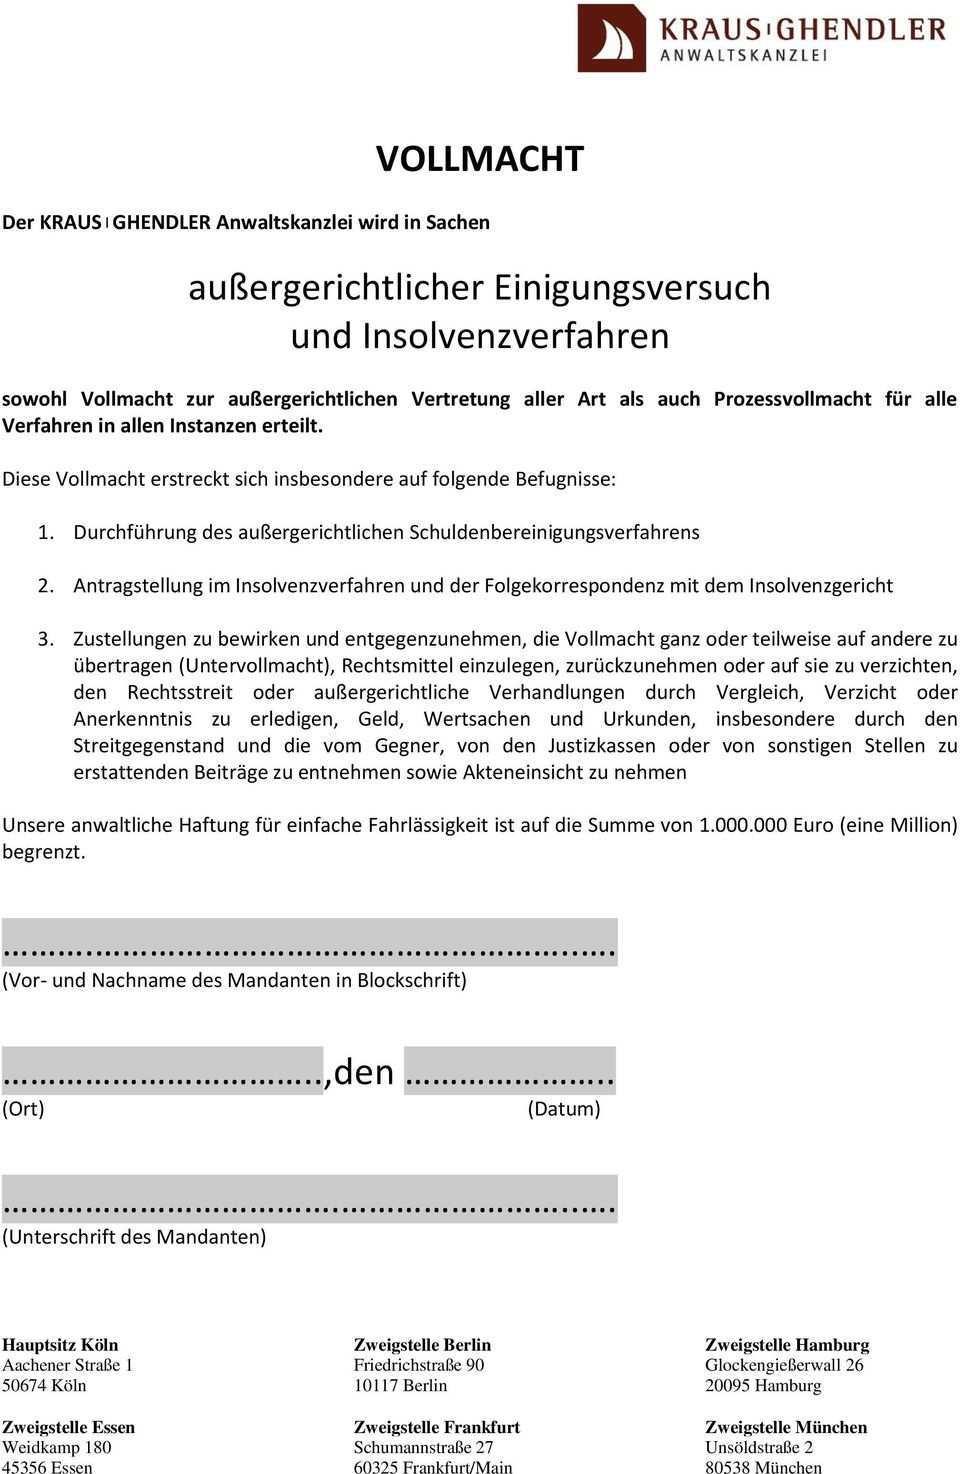 Vollmacht Aussergerichtlicher Einigungsversuch Und Insolvenzverfahren Pdf Free Download